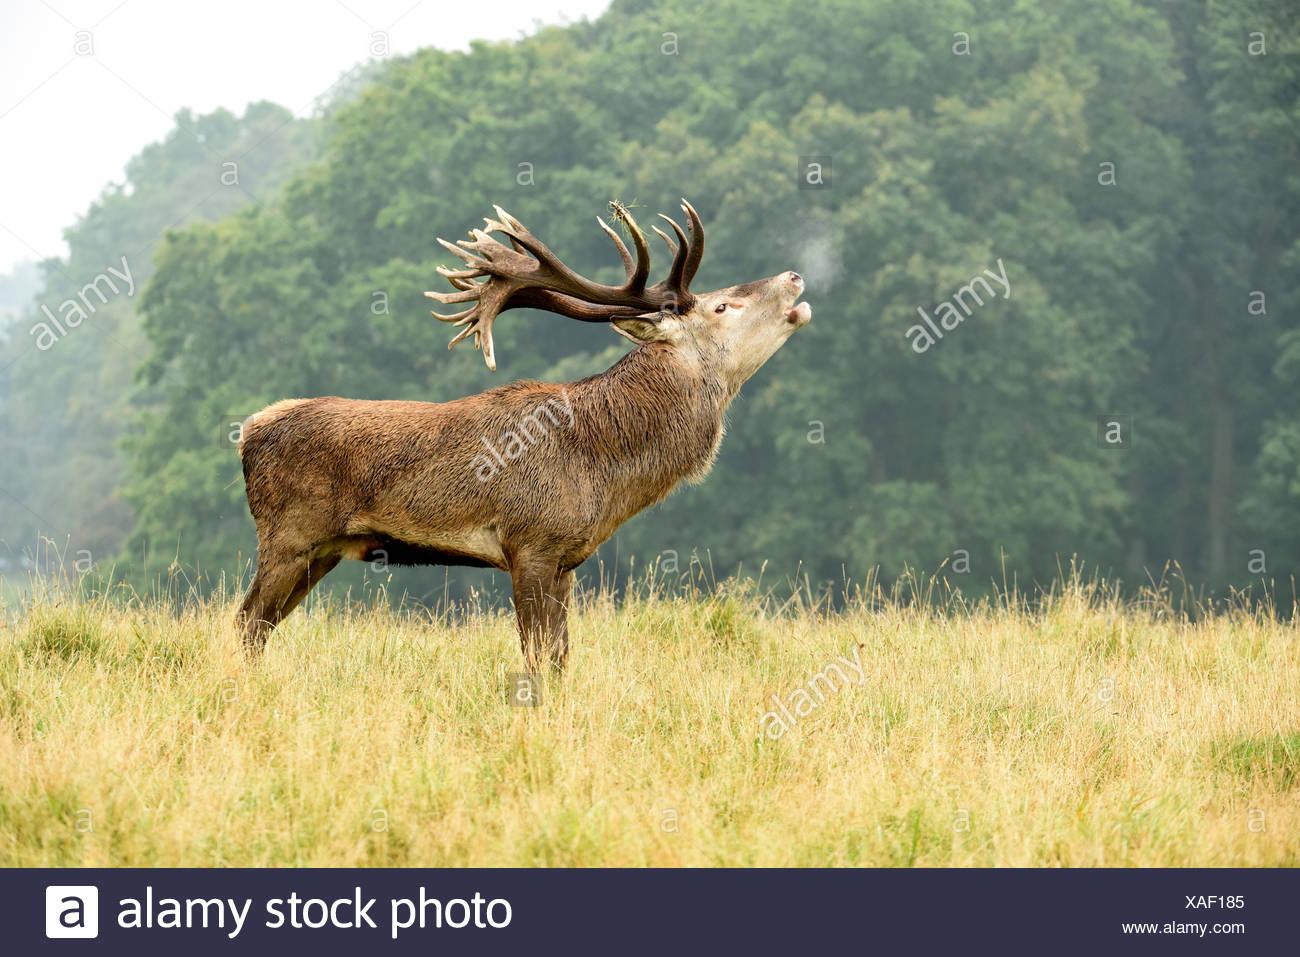 Red deer,rut - Stock Image